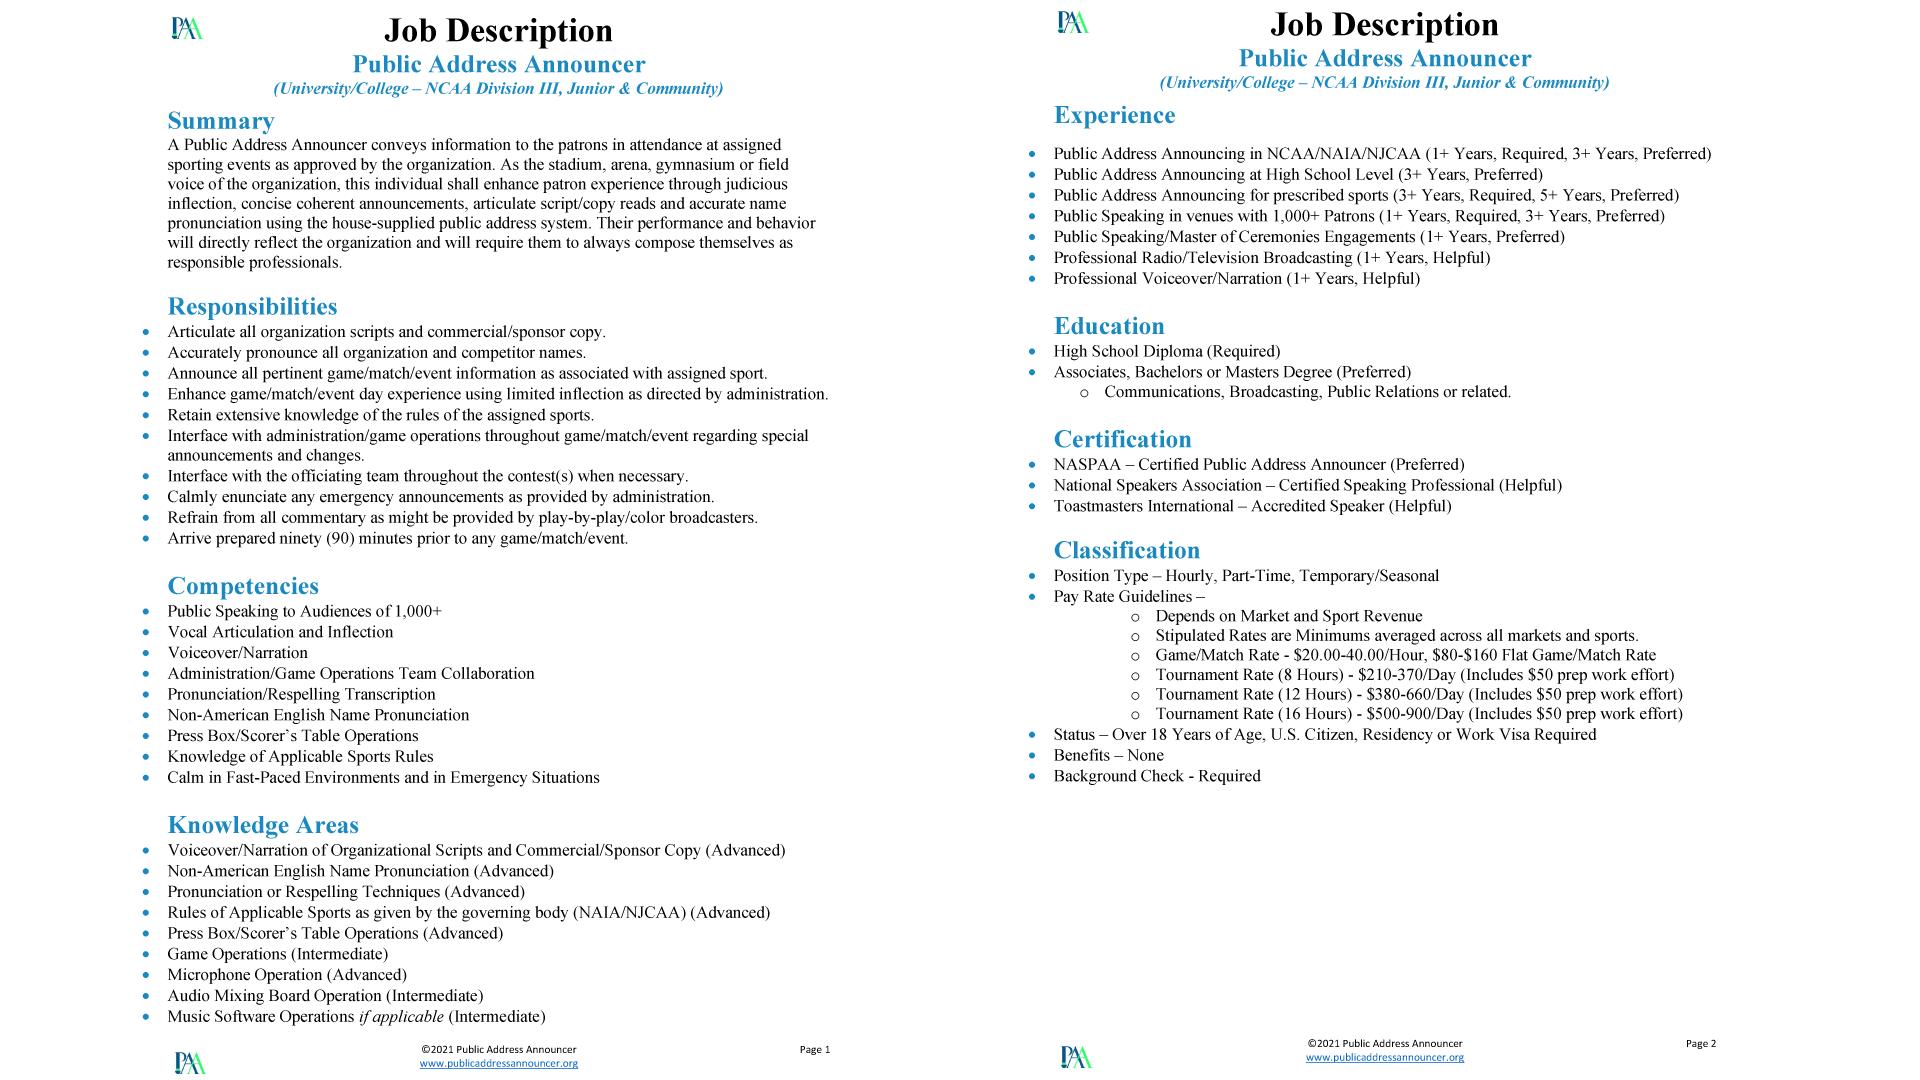 Job Description - Public Address Announcer - University - NCAA NAIA NJCAA